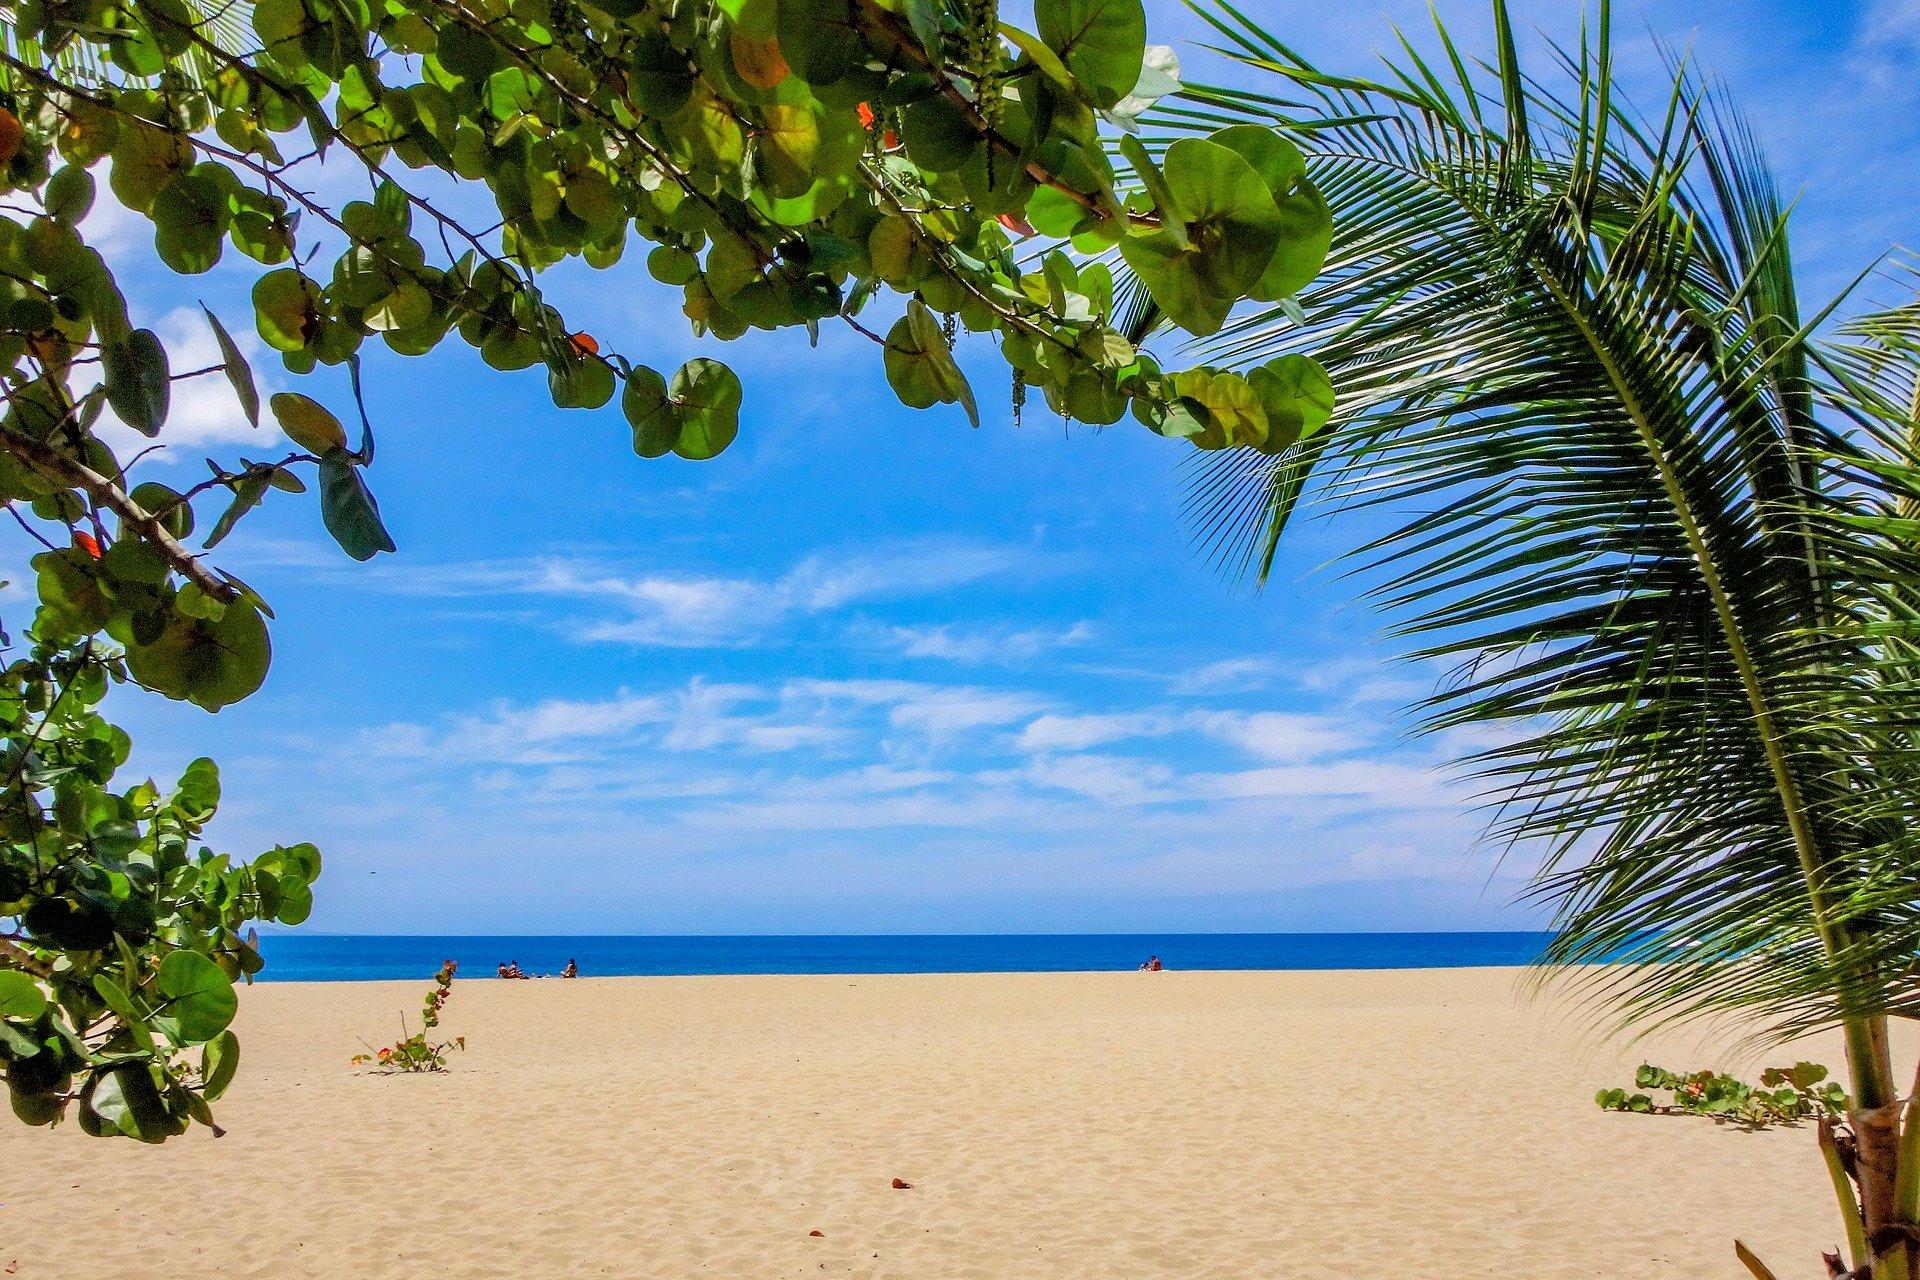 beach-2485882_1920 (2)